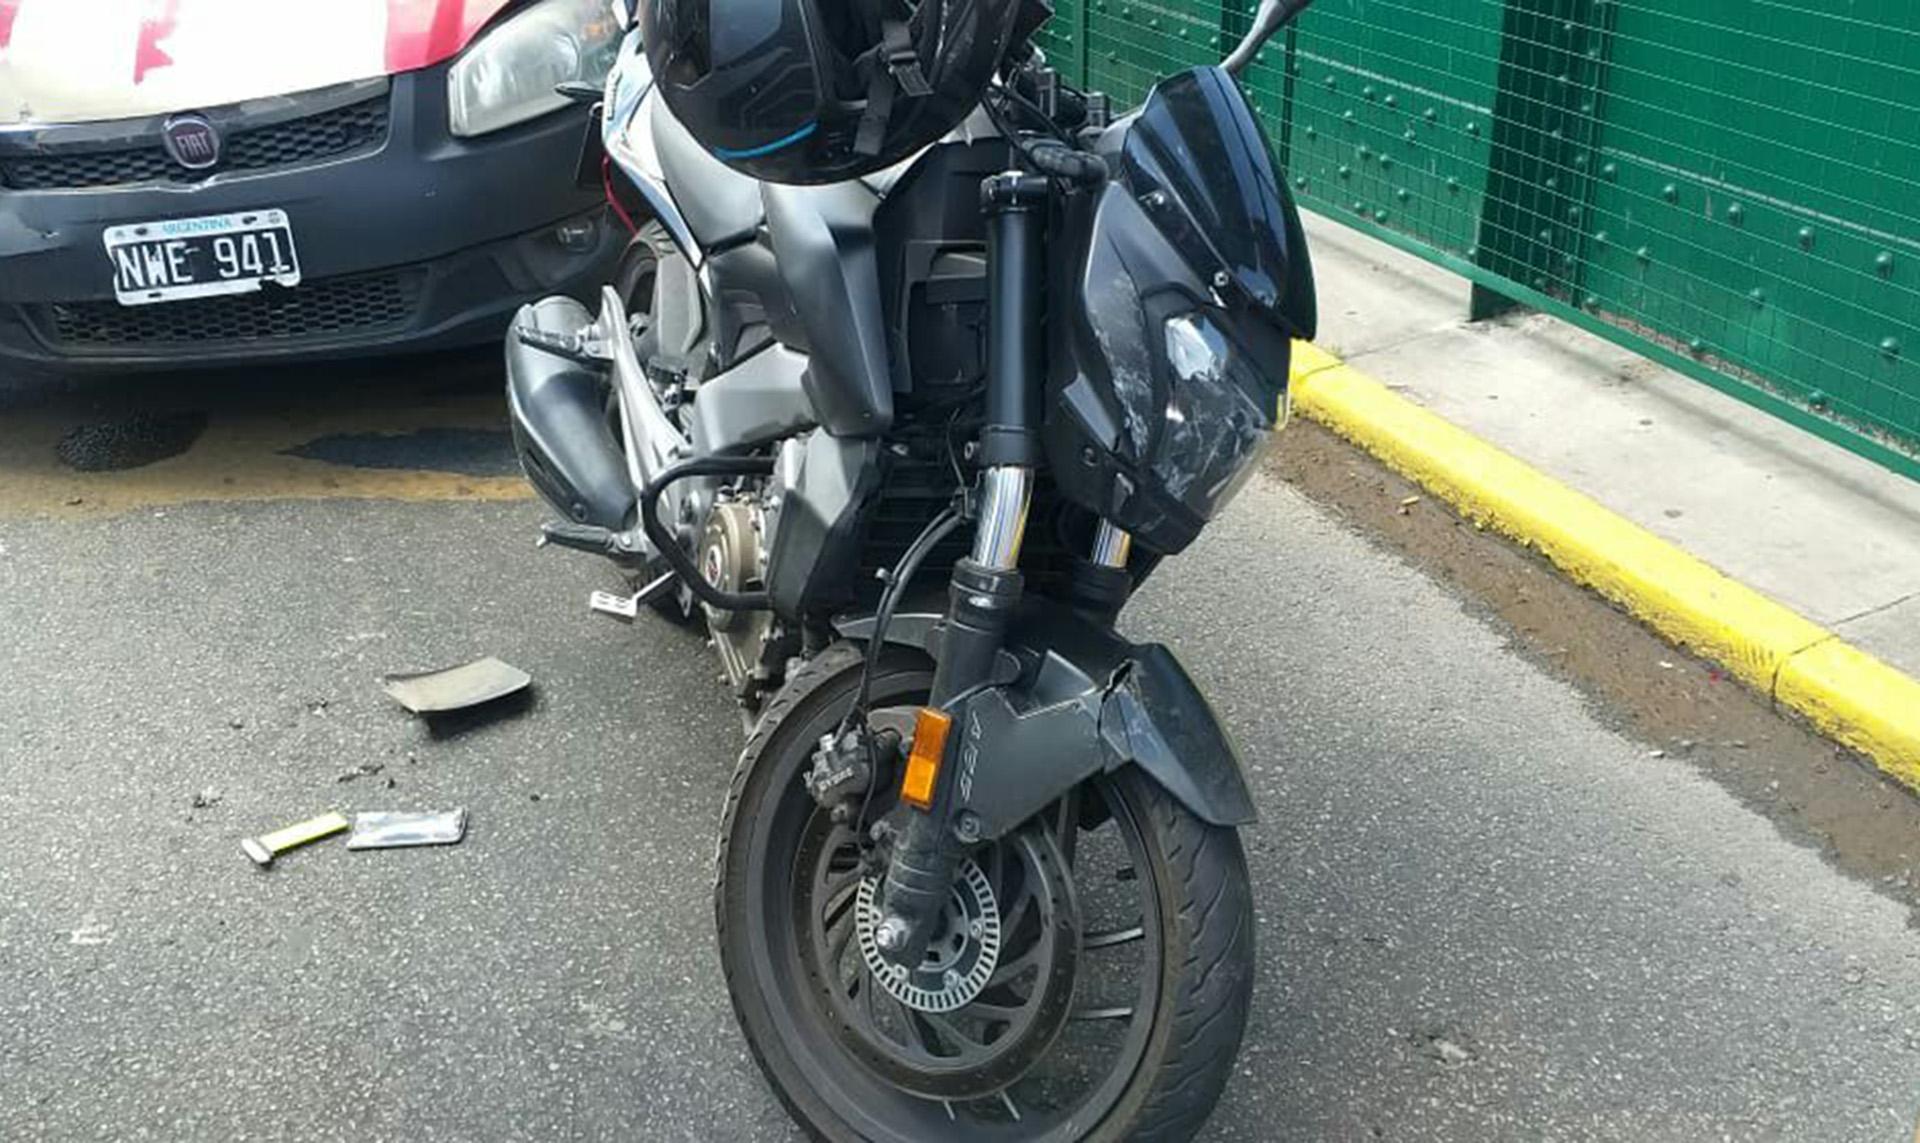 La moto en la que se movilizaba el delincuente